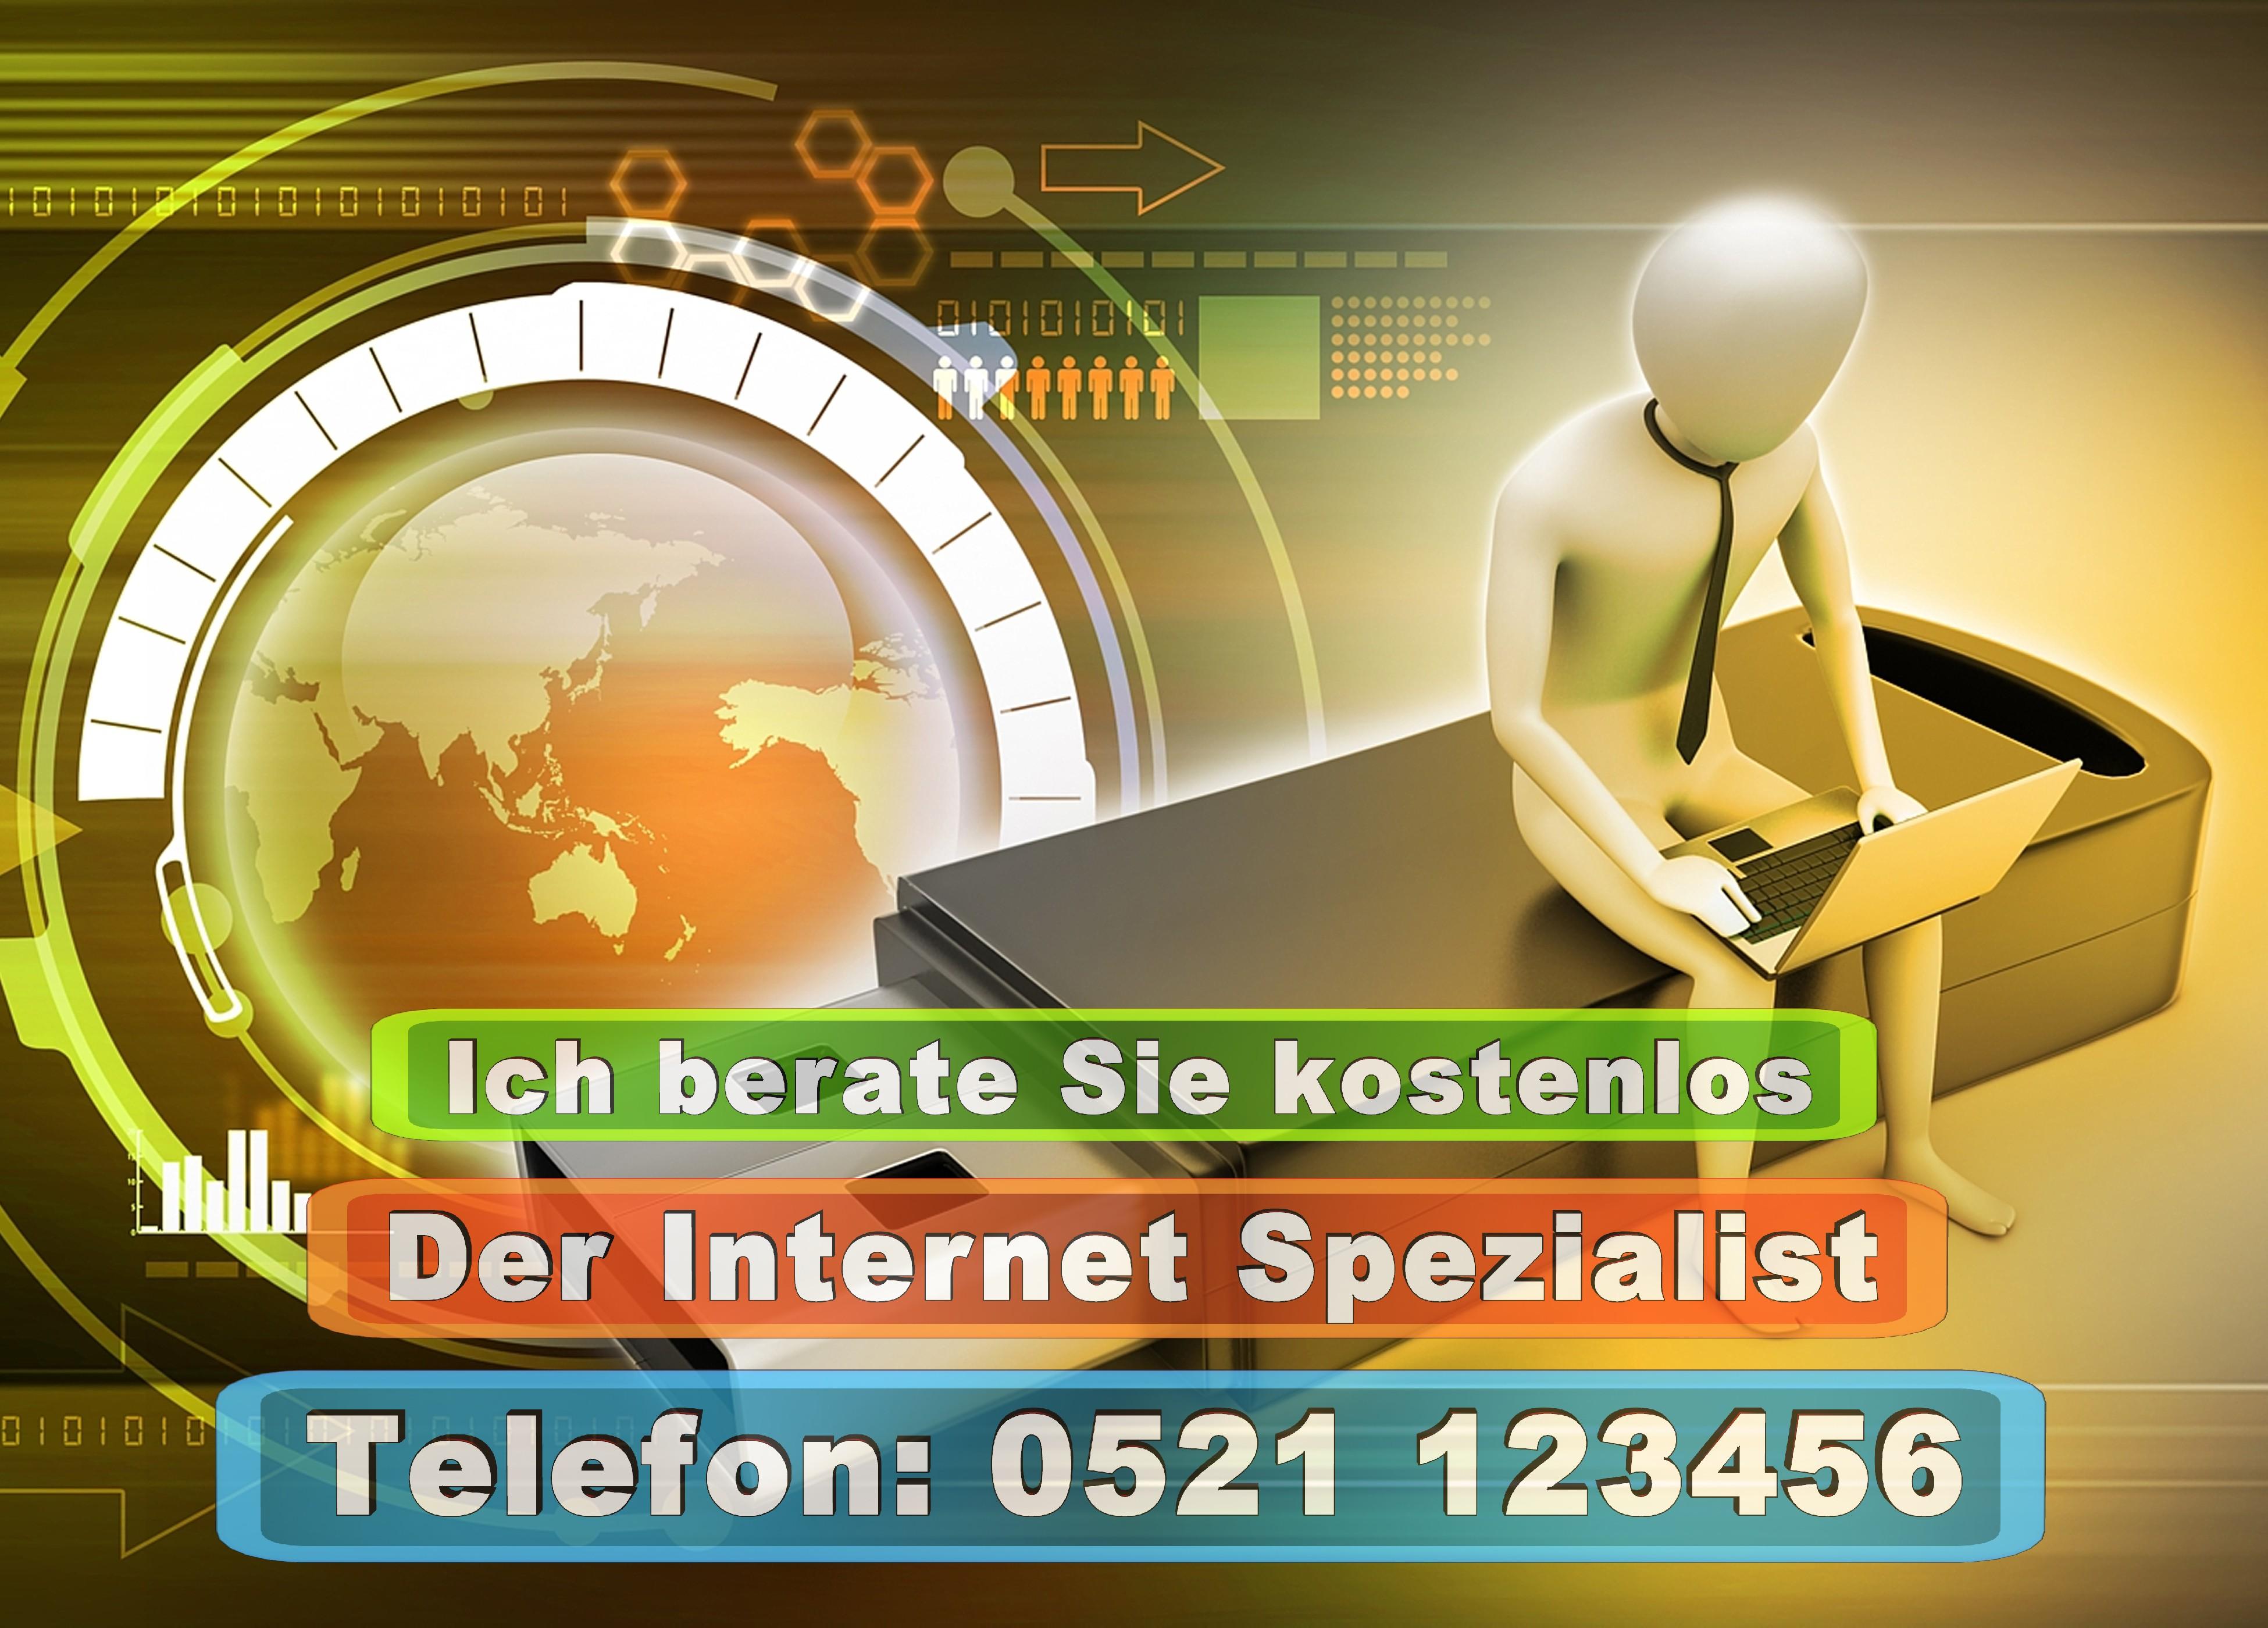 Werbeagentur Bielefeld Druckerei Bielefeld Prospekte Zeitung Visitenkarten Poster Werbung Print Presse Druck Fotografie Fotos Internet (20)